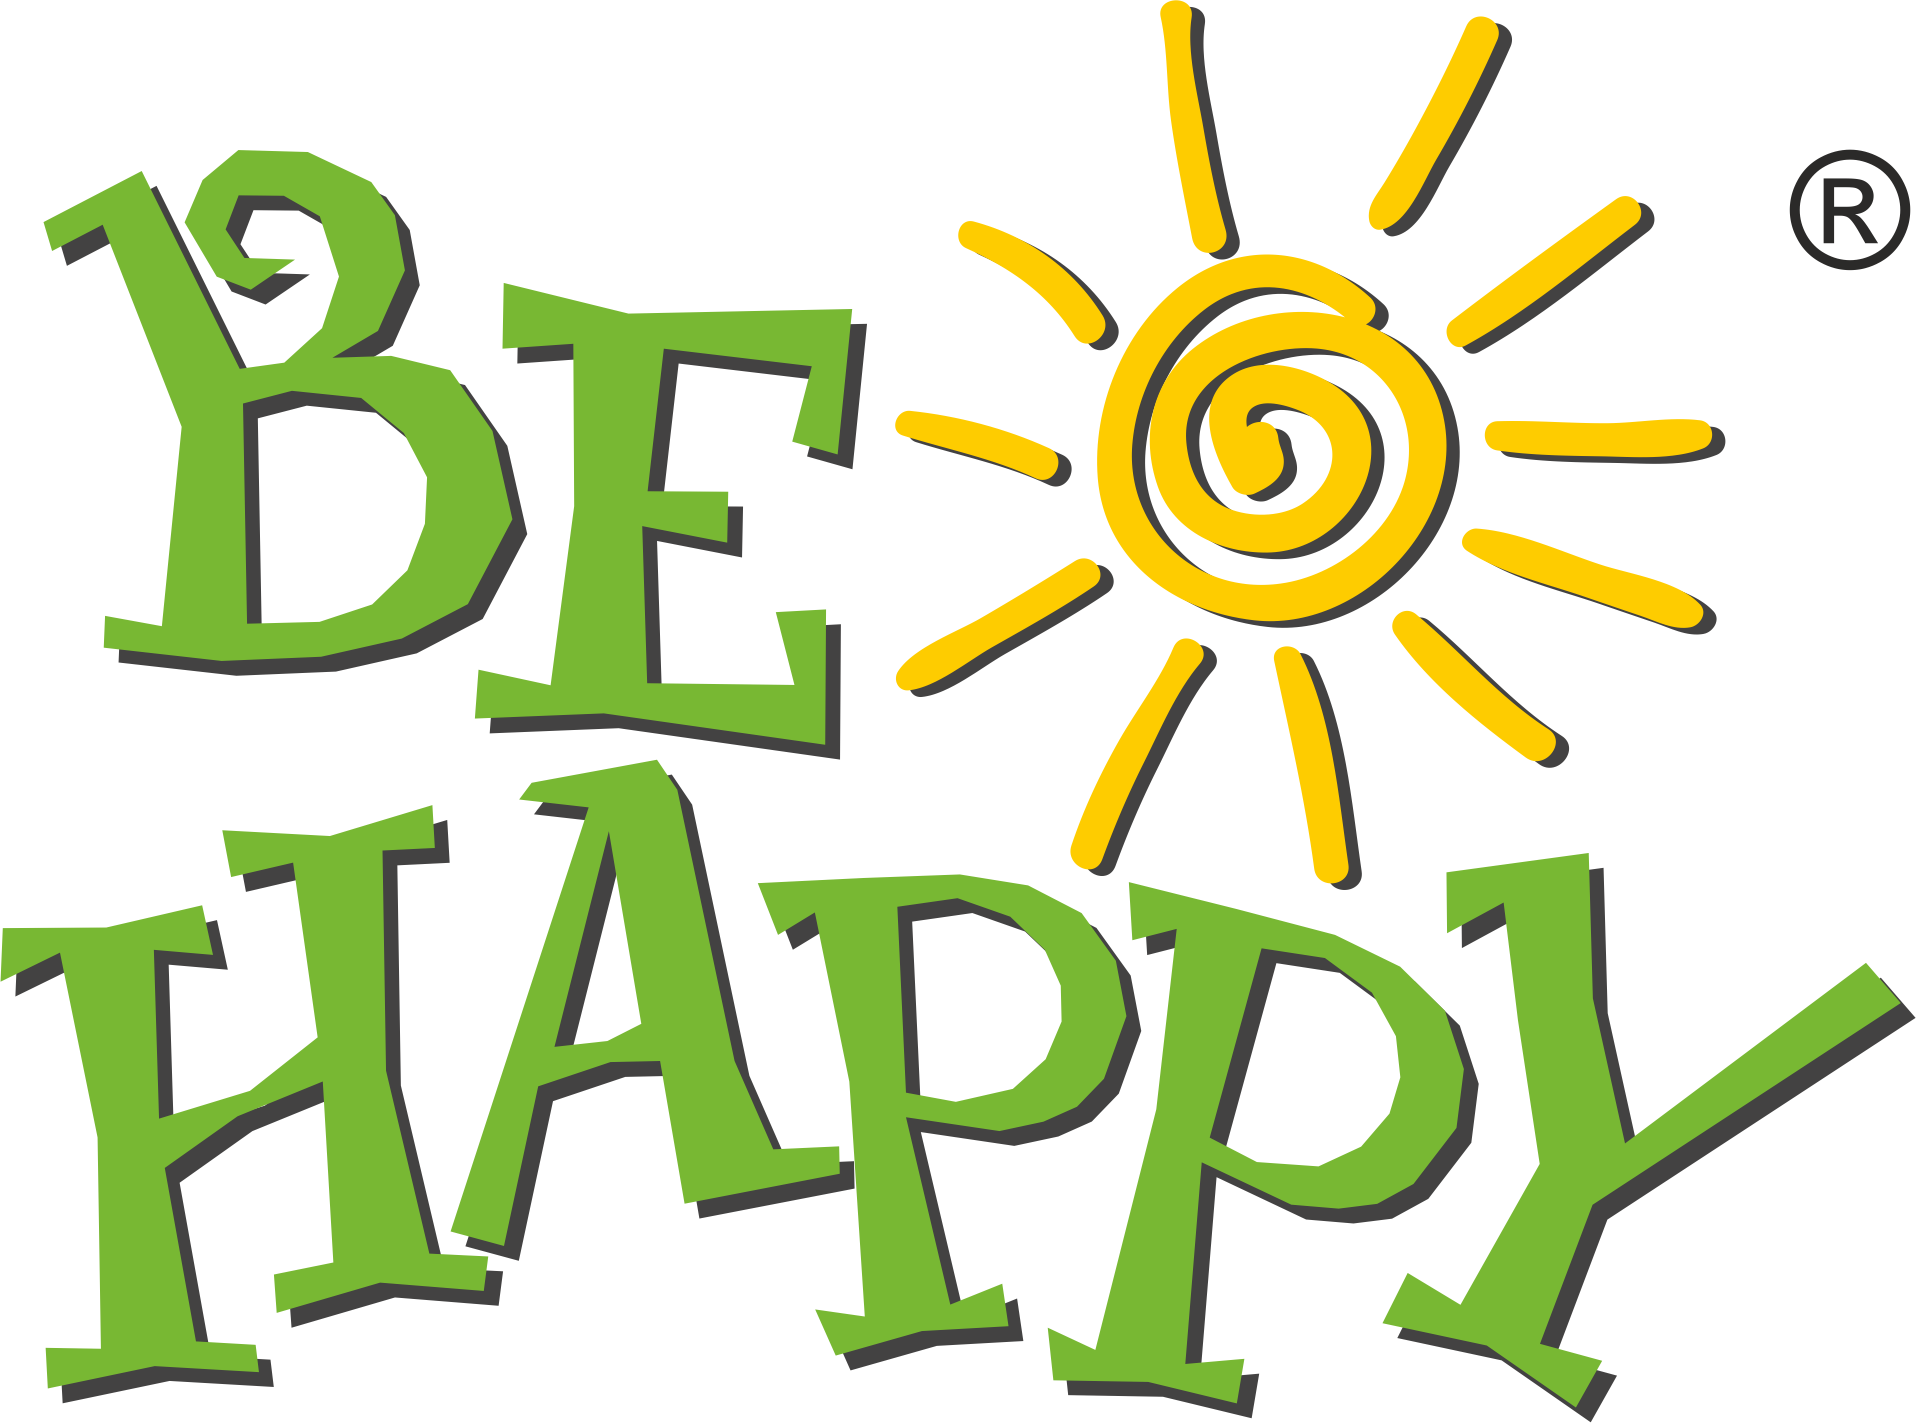 Элегантная ручка - Be Happy - Персонифицированные подарки оптом